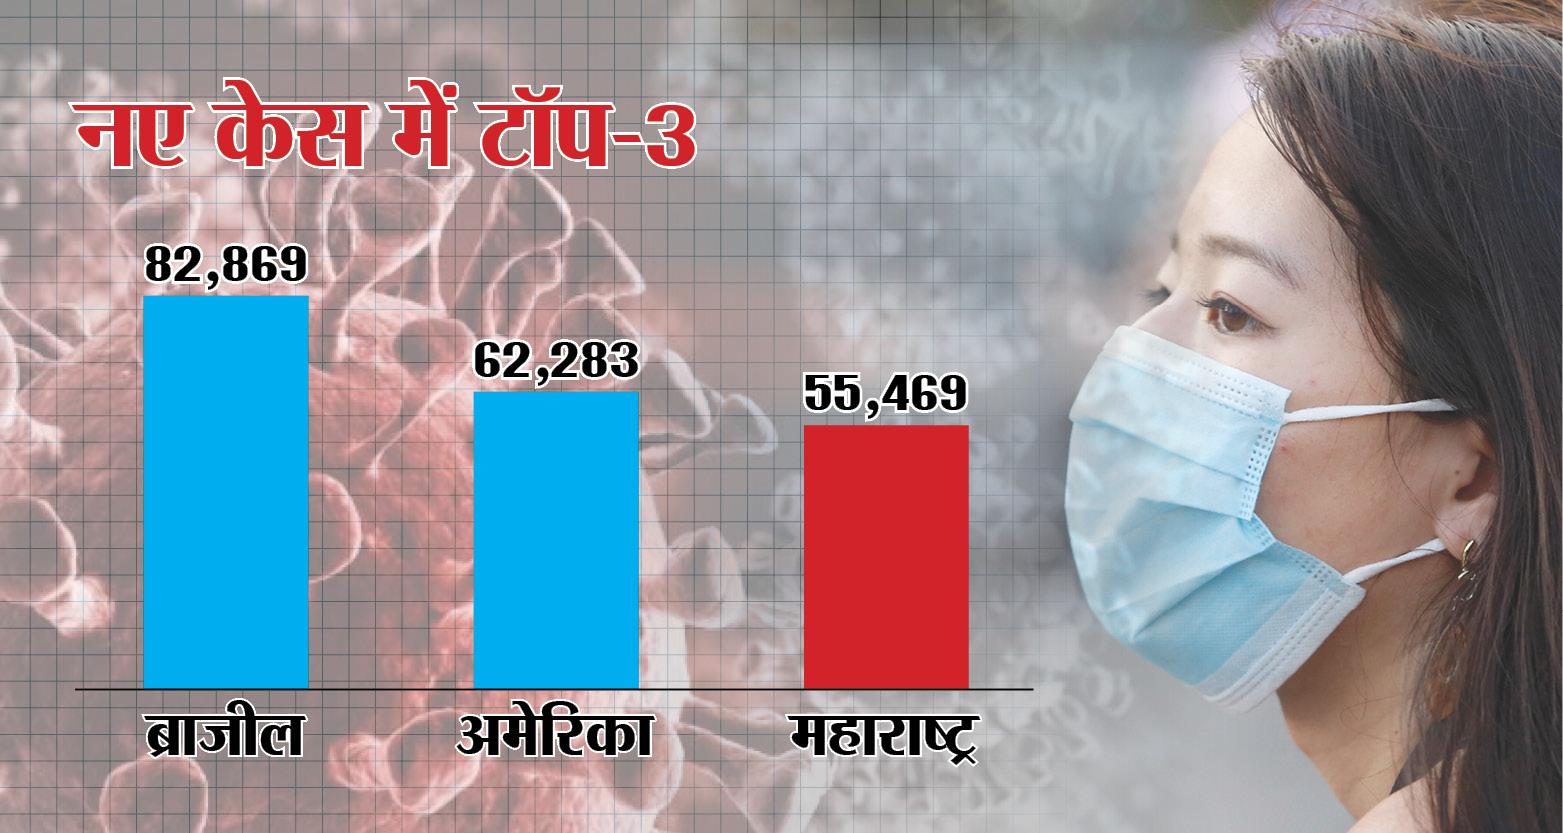 नए केसों के मामले में महाराष्ट्र दुनिया में तीसरे नंबर पर